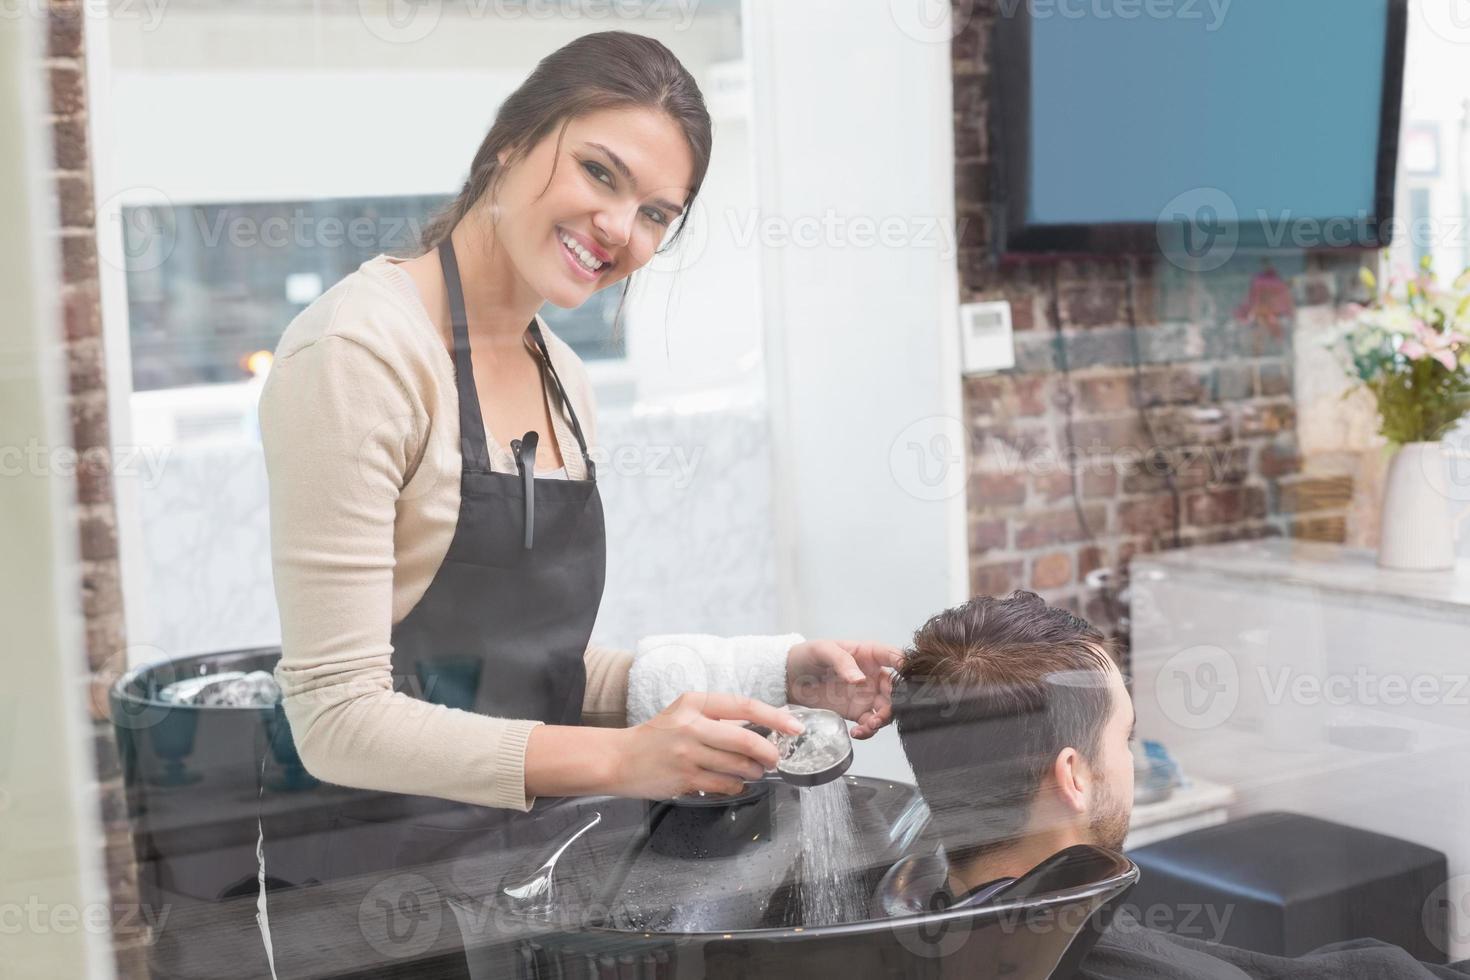 estilista lavado mans cabello foto